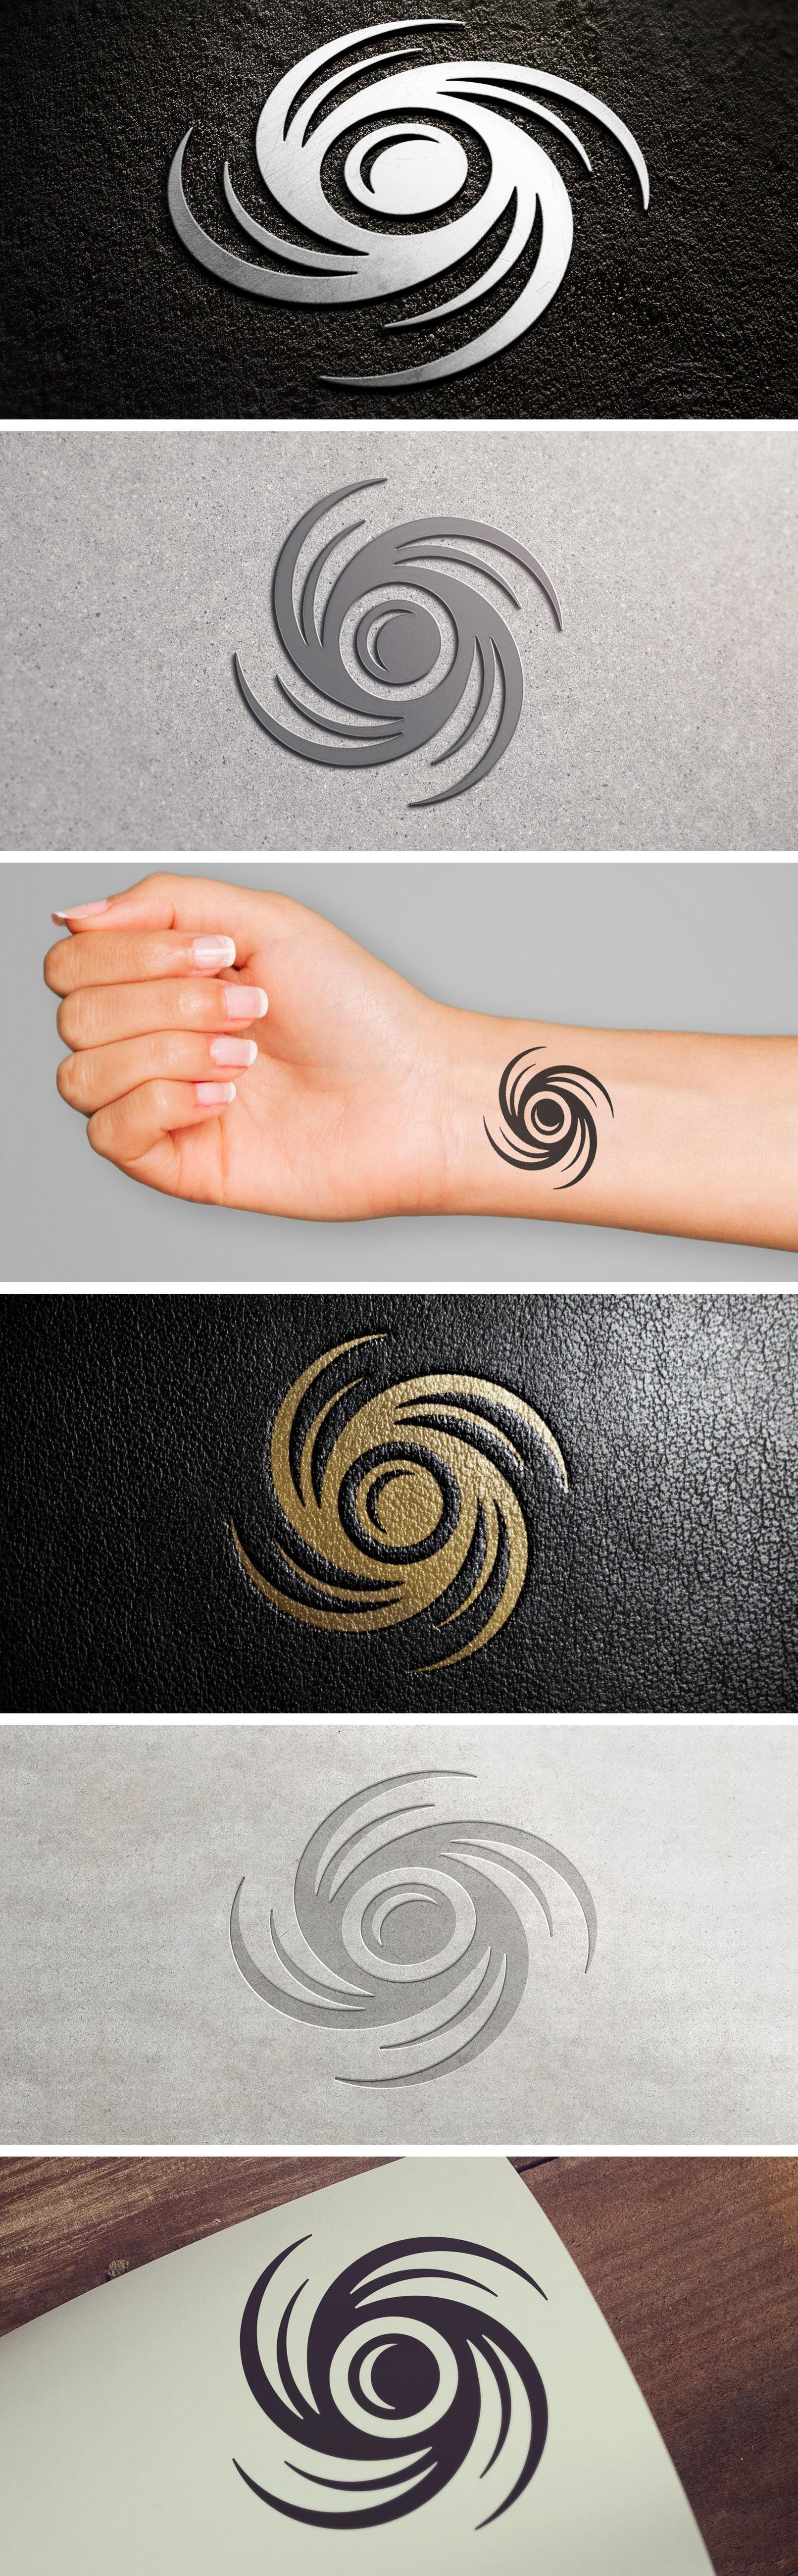 Eye Of The Storm Schteff Creative Design Logo Logodesign